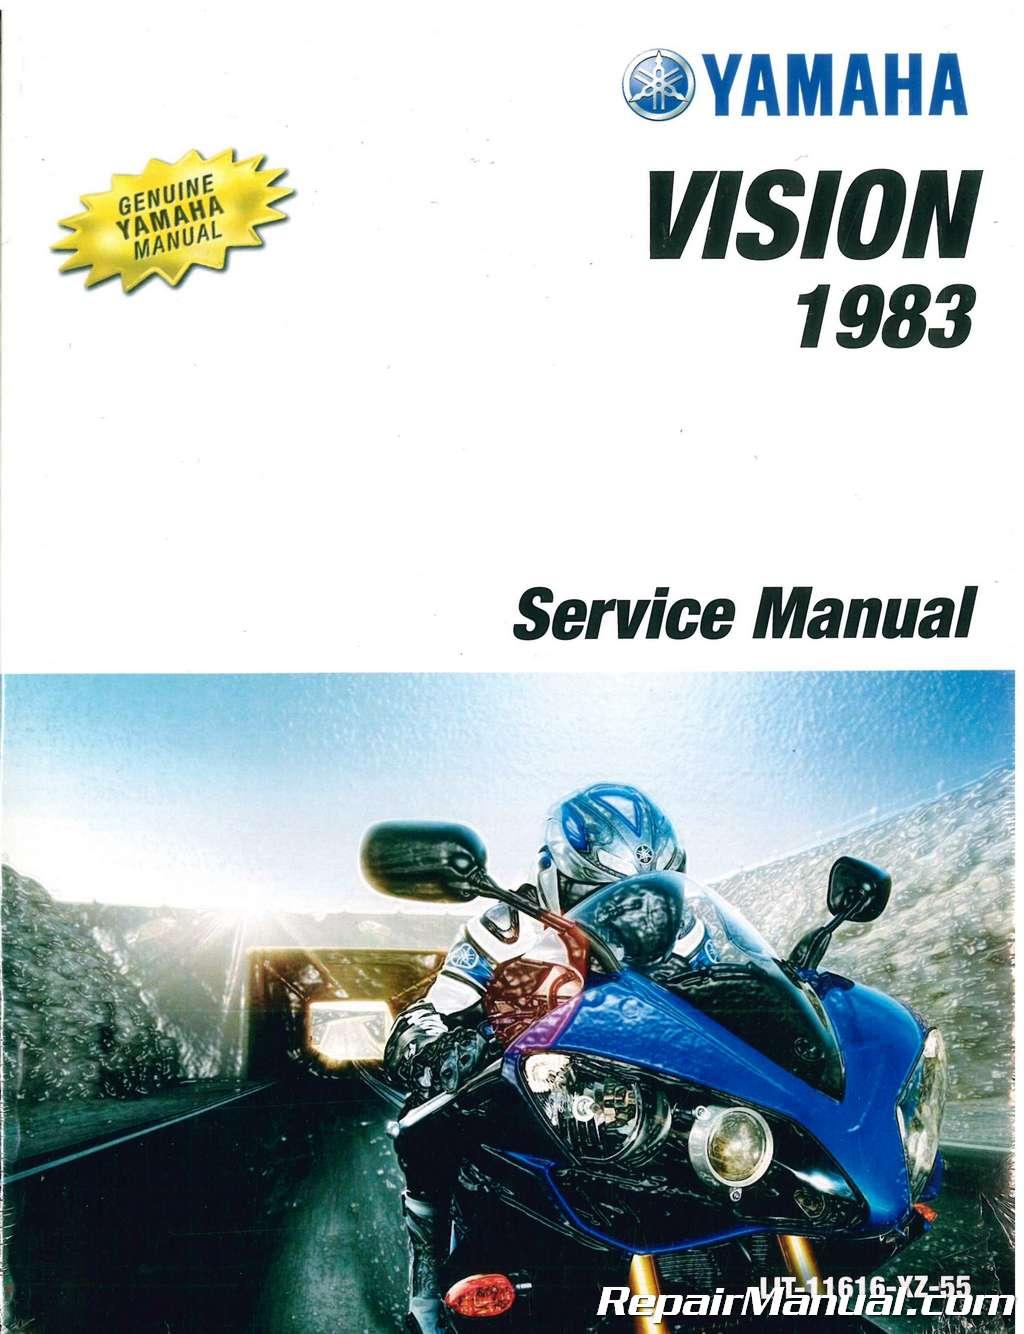 1982 1983 yamaha xz550r vision motorcycle service manual clymer motorcycle manuals canada clymer motorcycle manuals free download